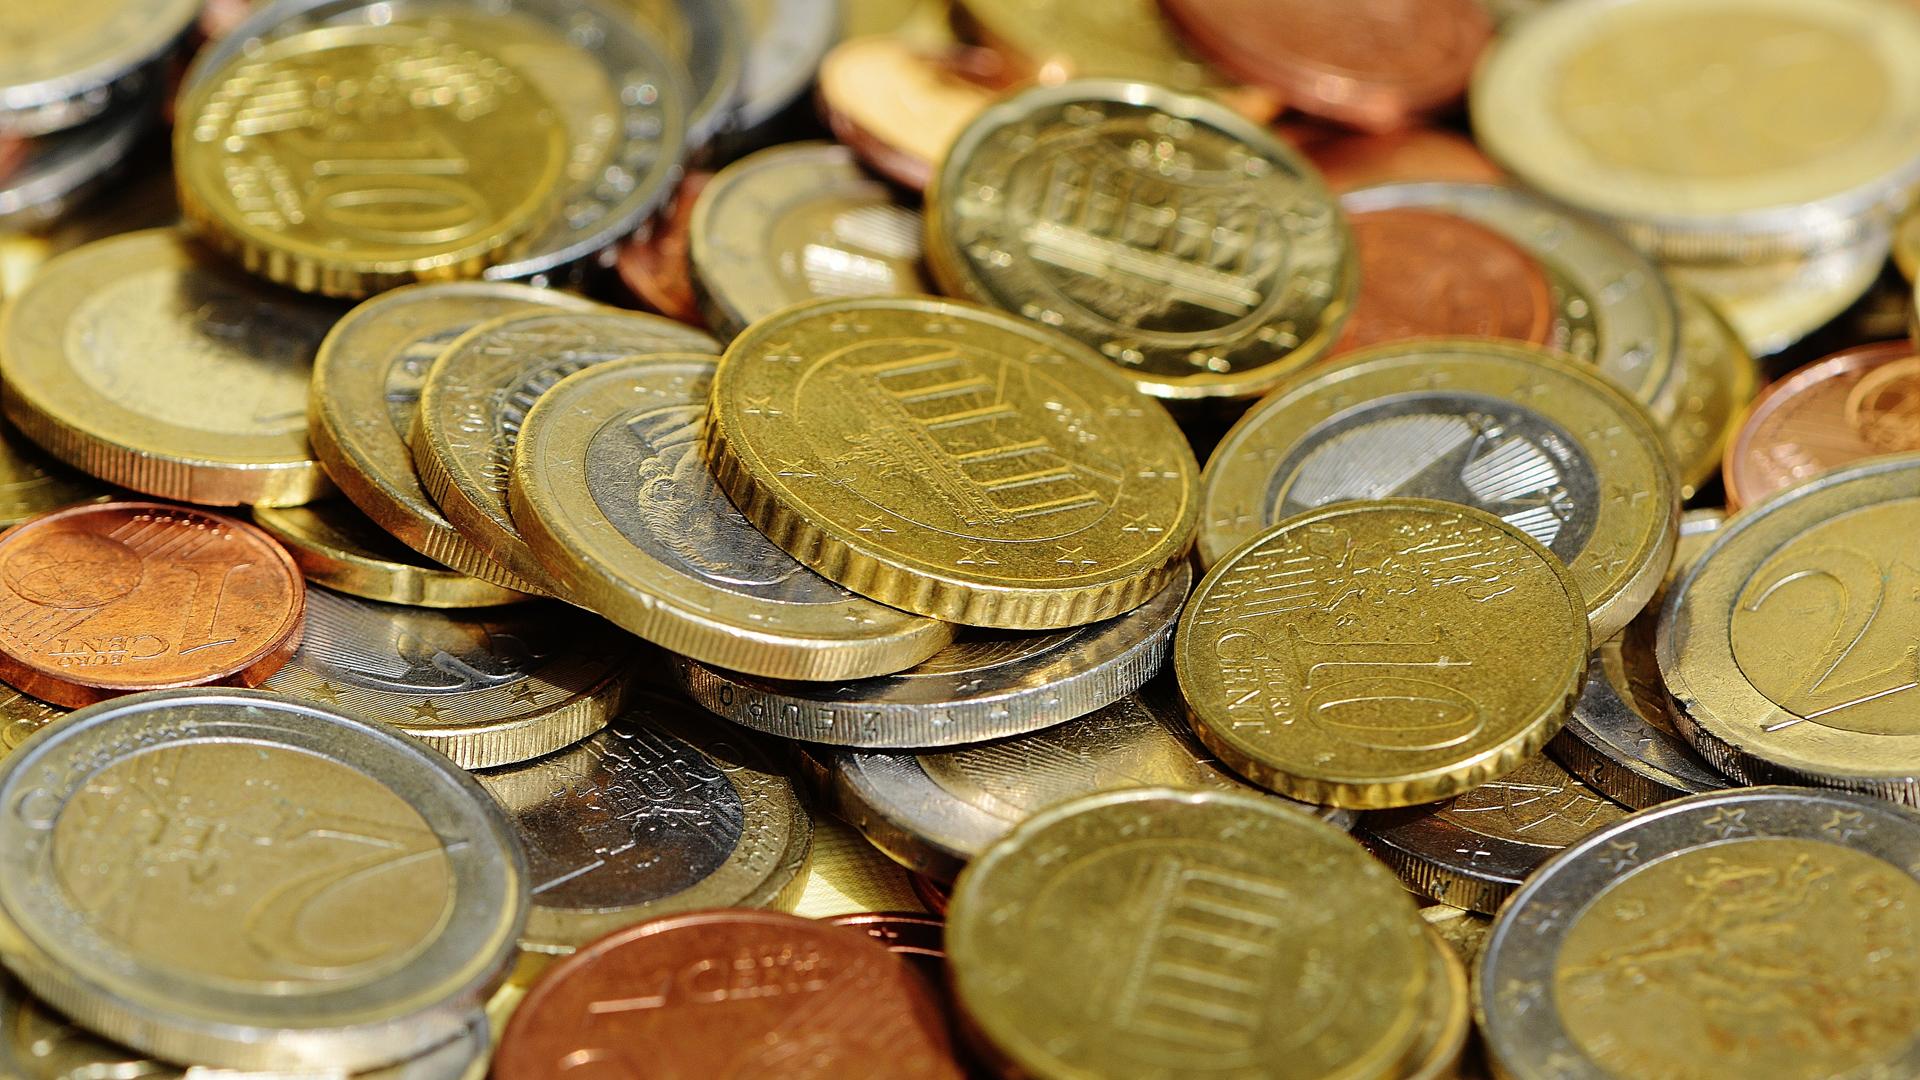 schuldsaldoverzekering Antwerpen